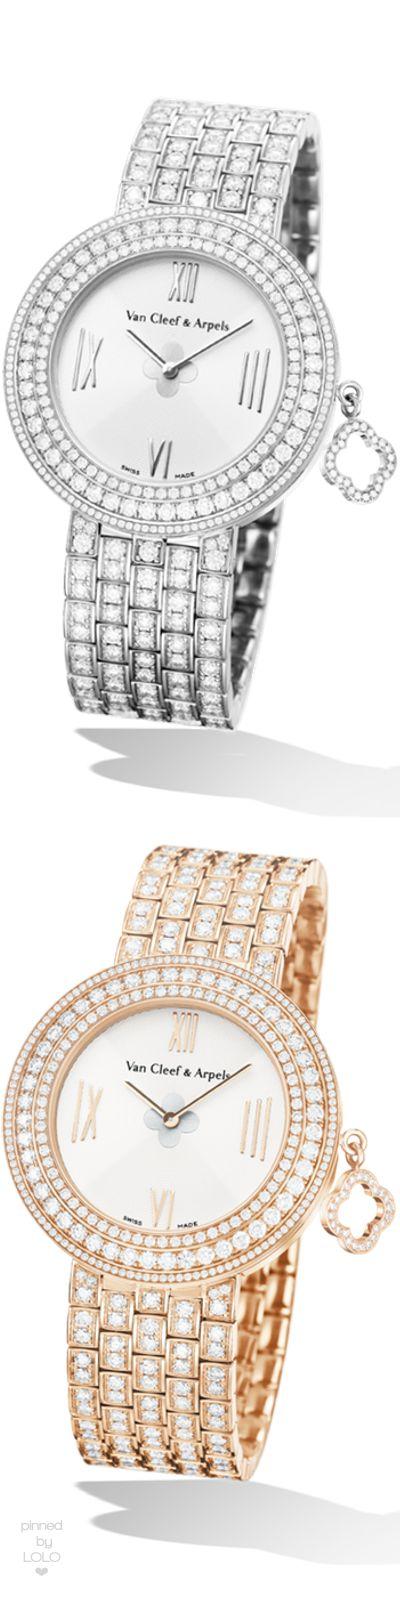 Van Cleef & Arpels Watches | LOLO❤︎